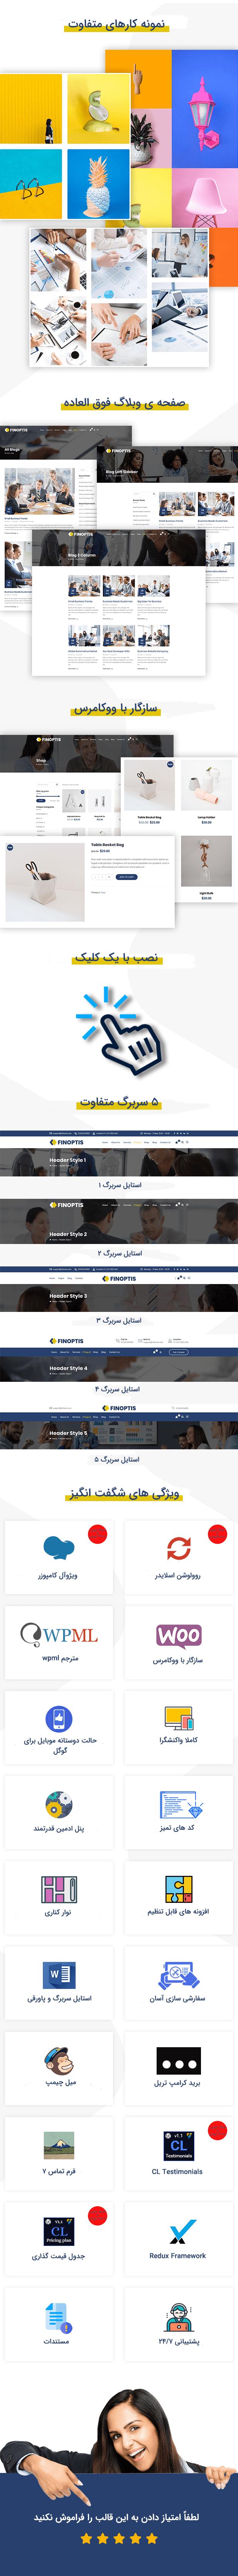 قالب شرکتی Finoptis همراه با 6 دموی محتلف کسب و کارها | راست چین